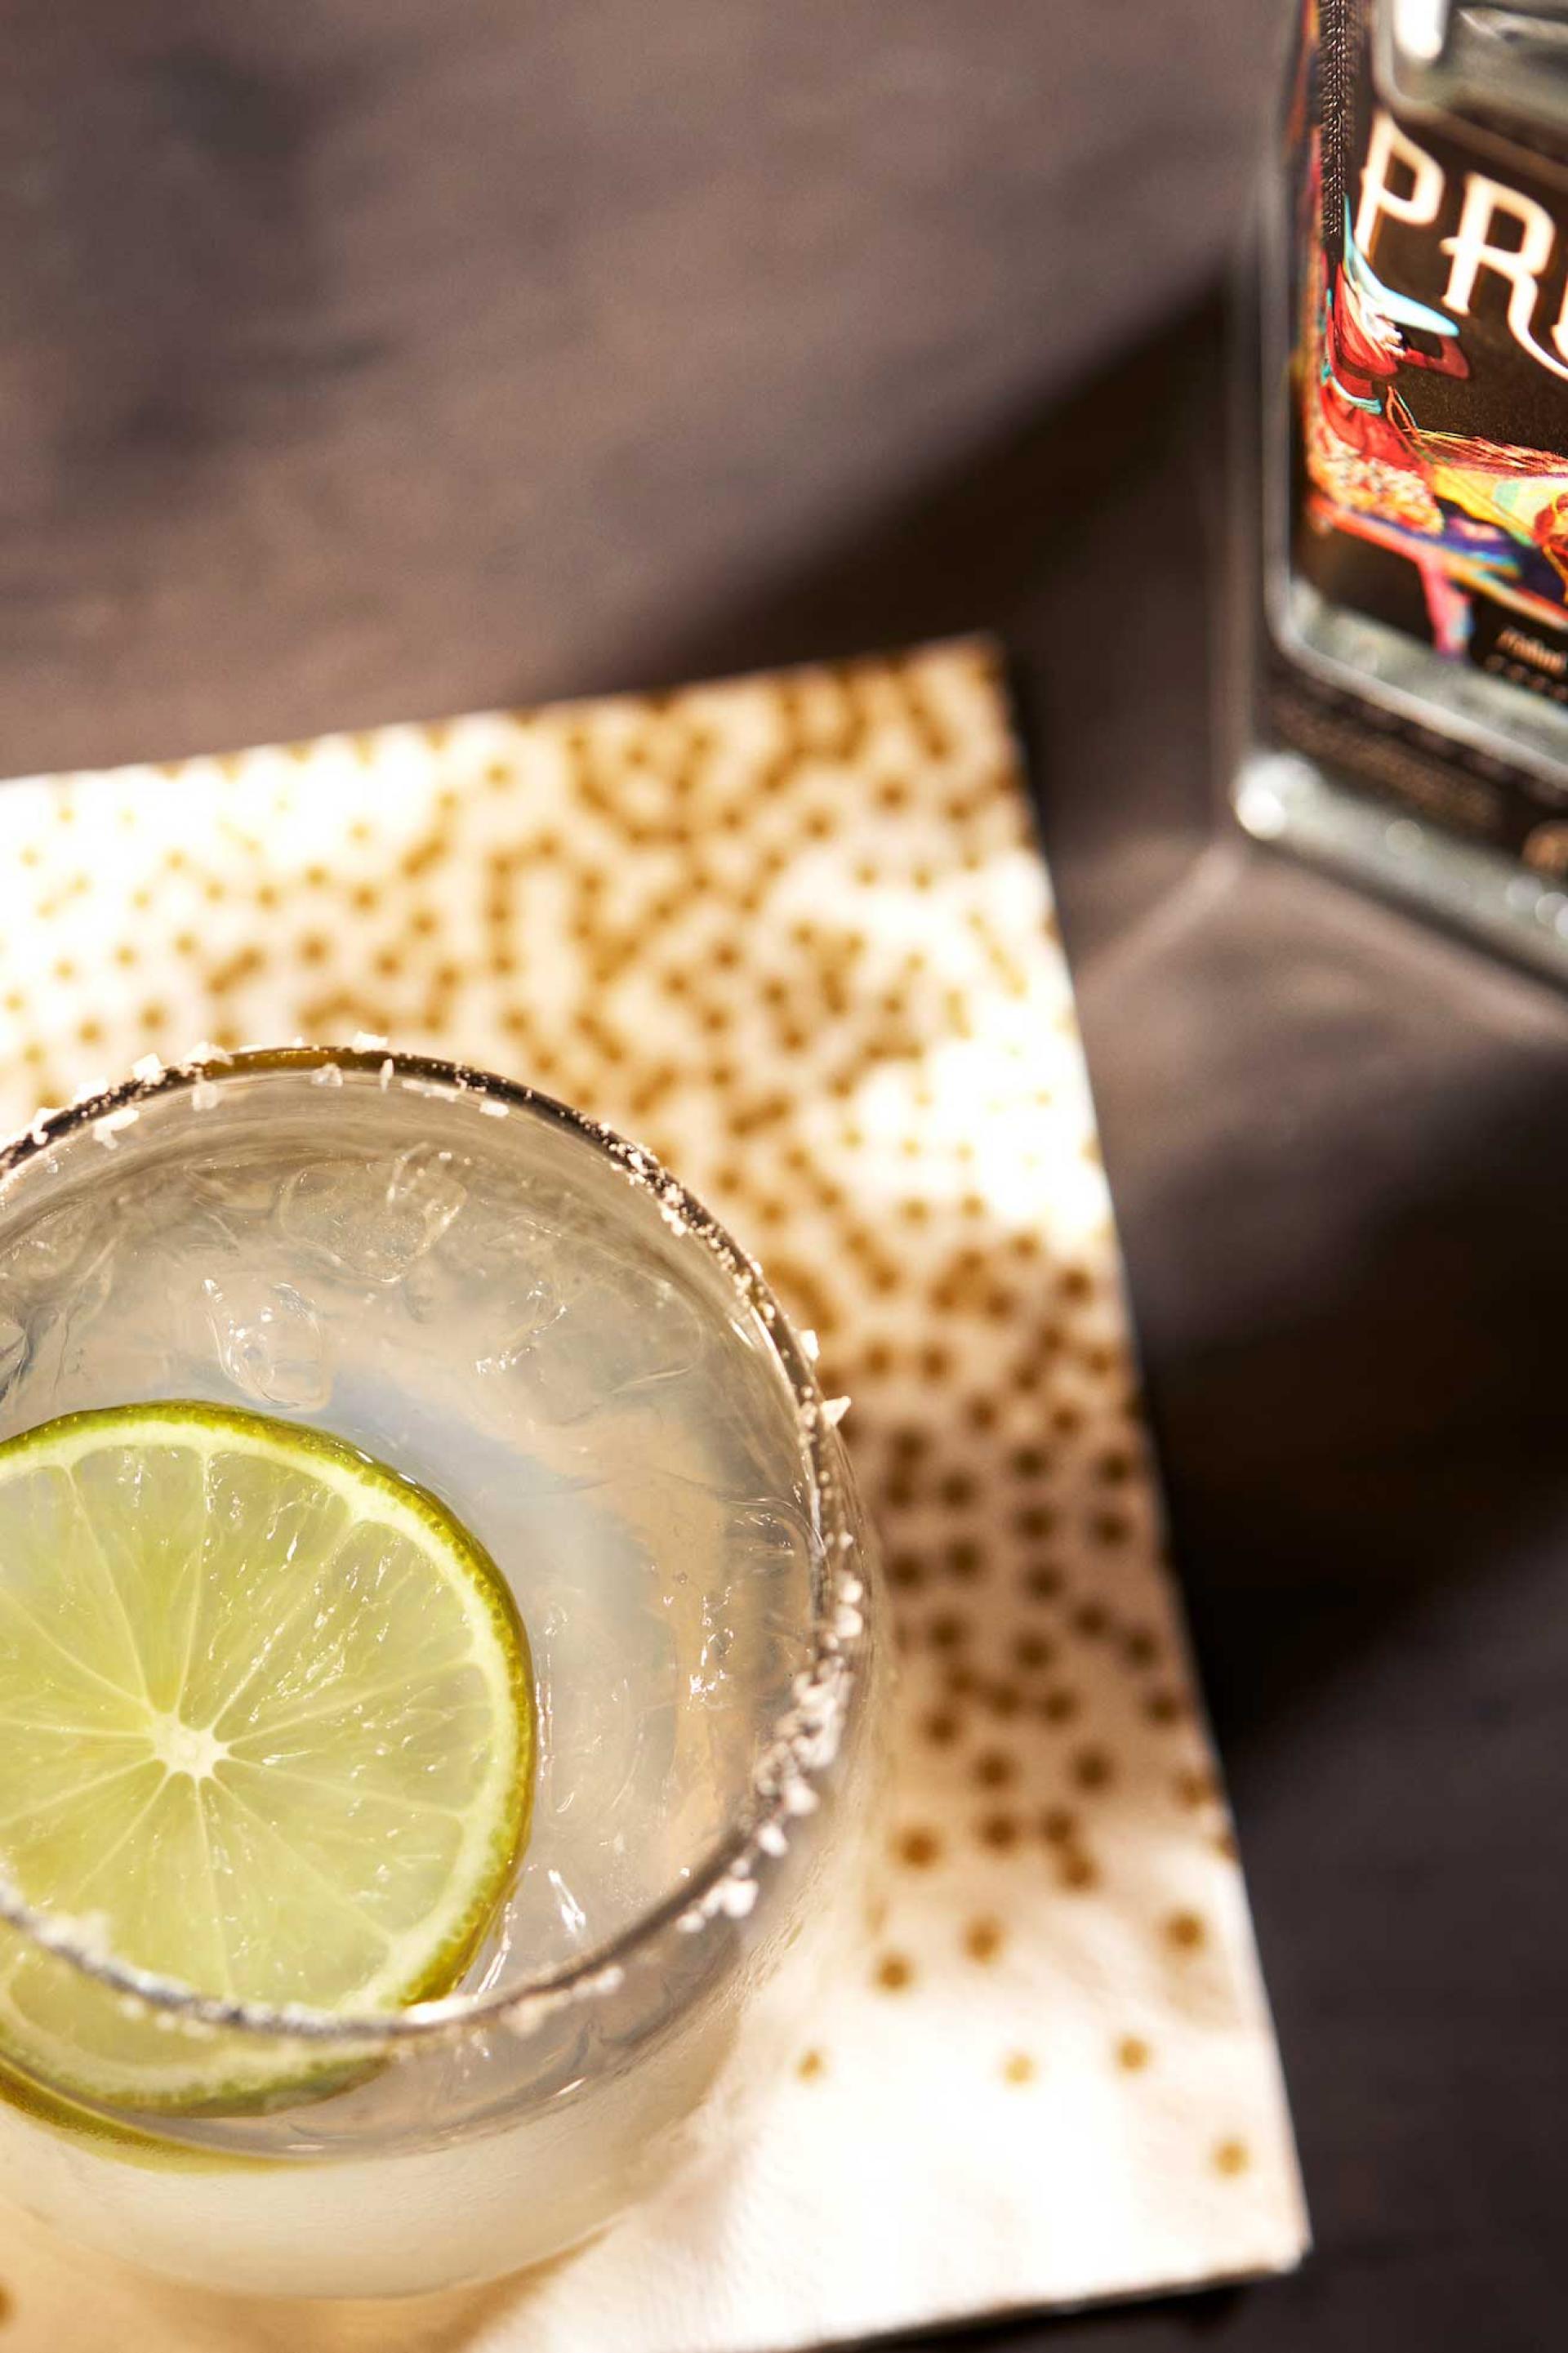 Rita Ora's Still Life Rocks margarita cocktail